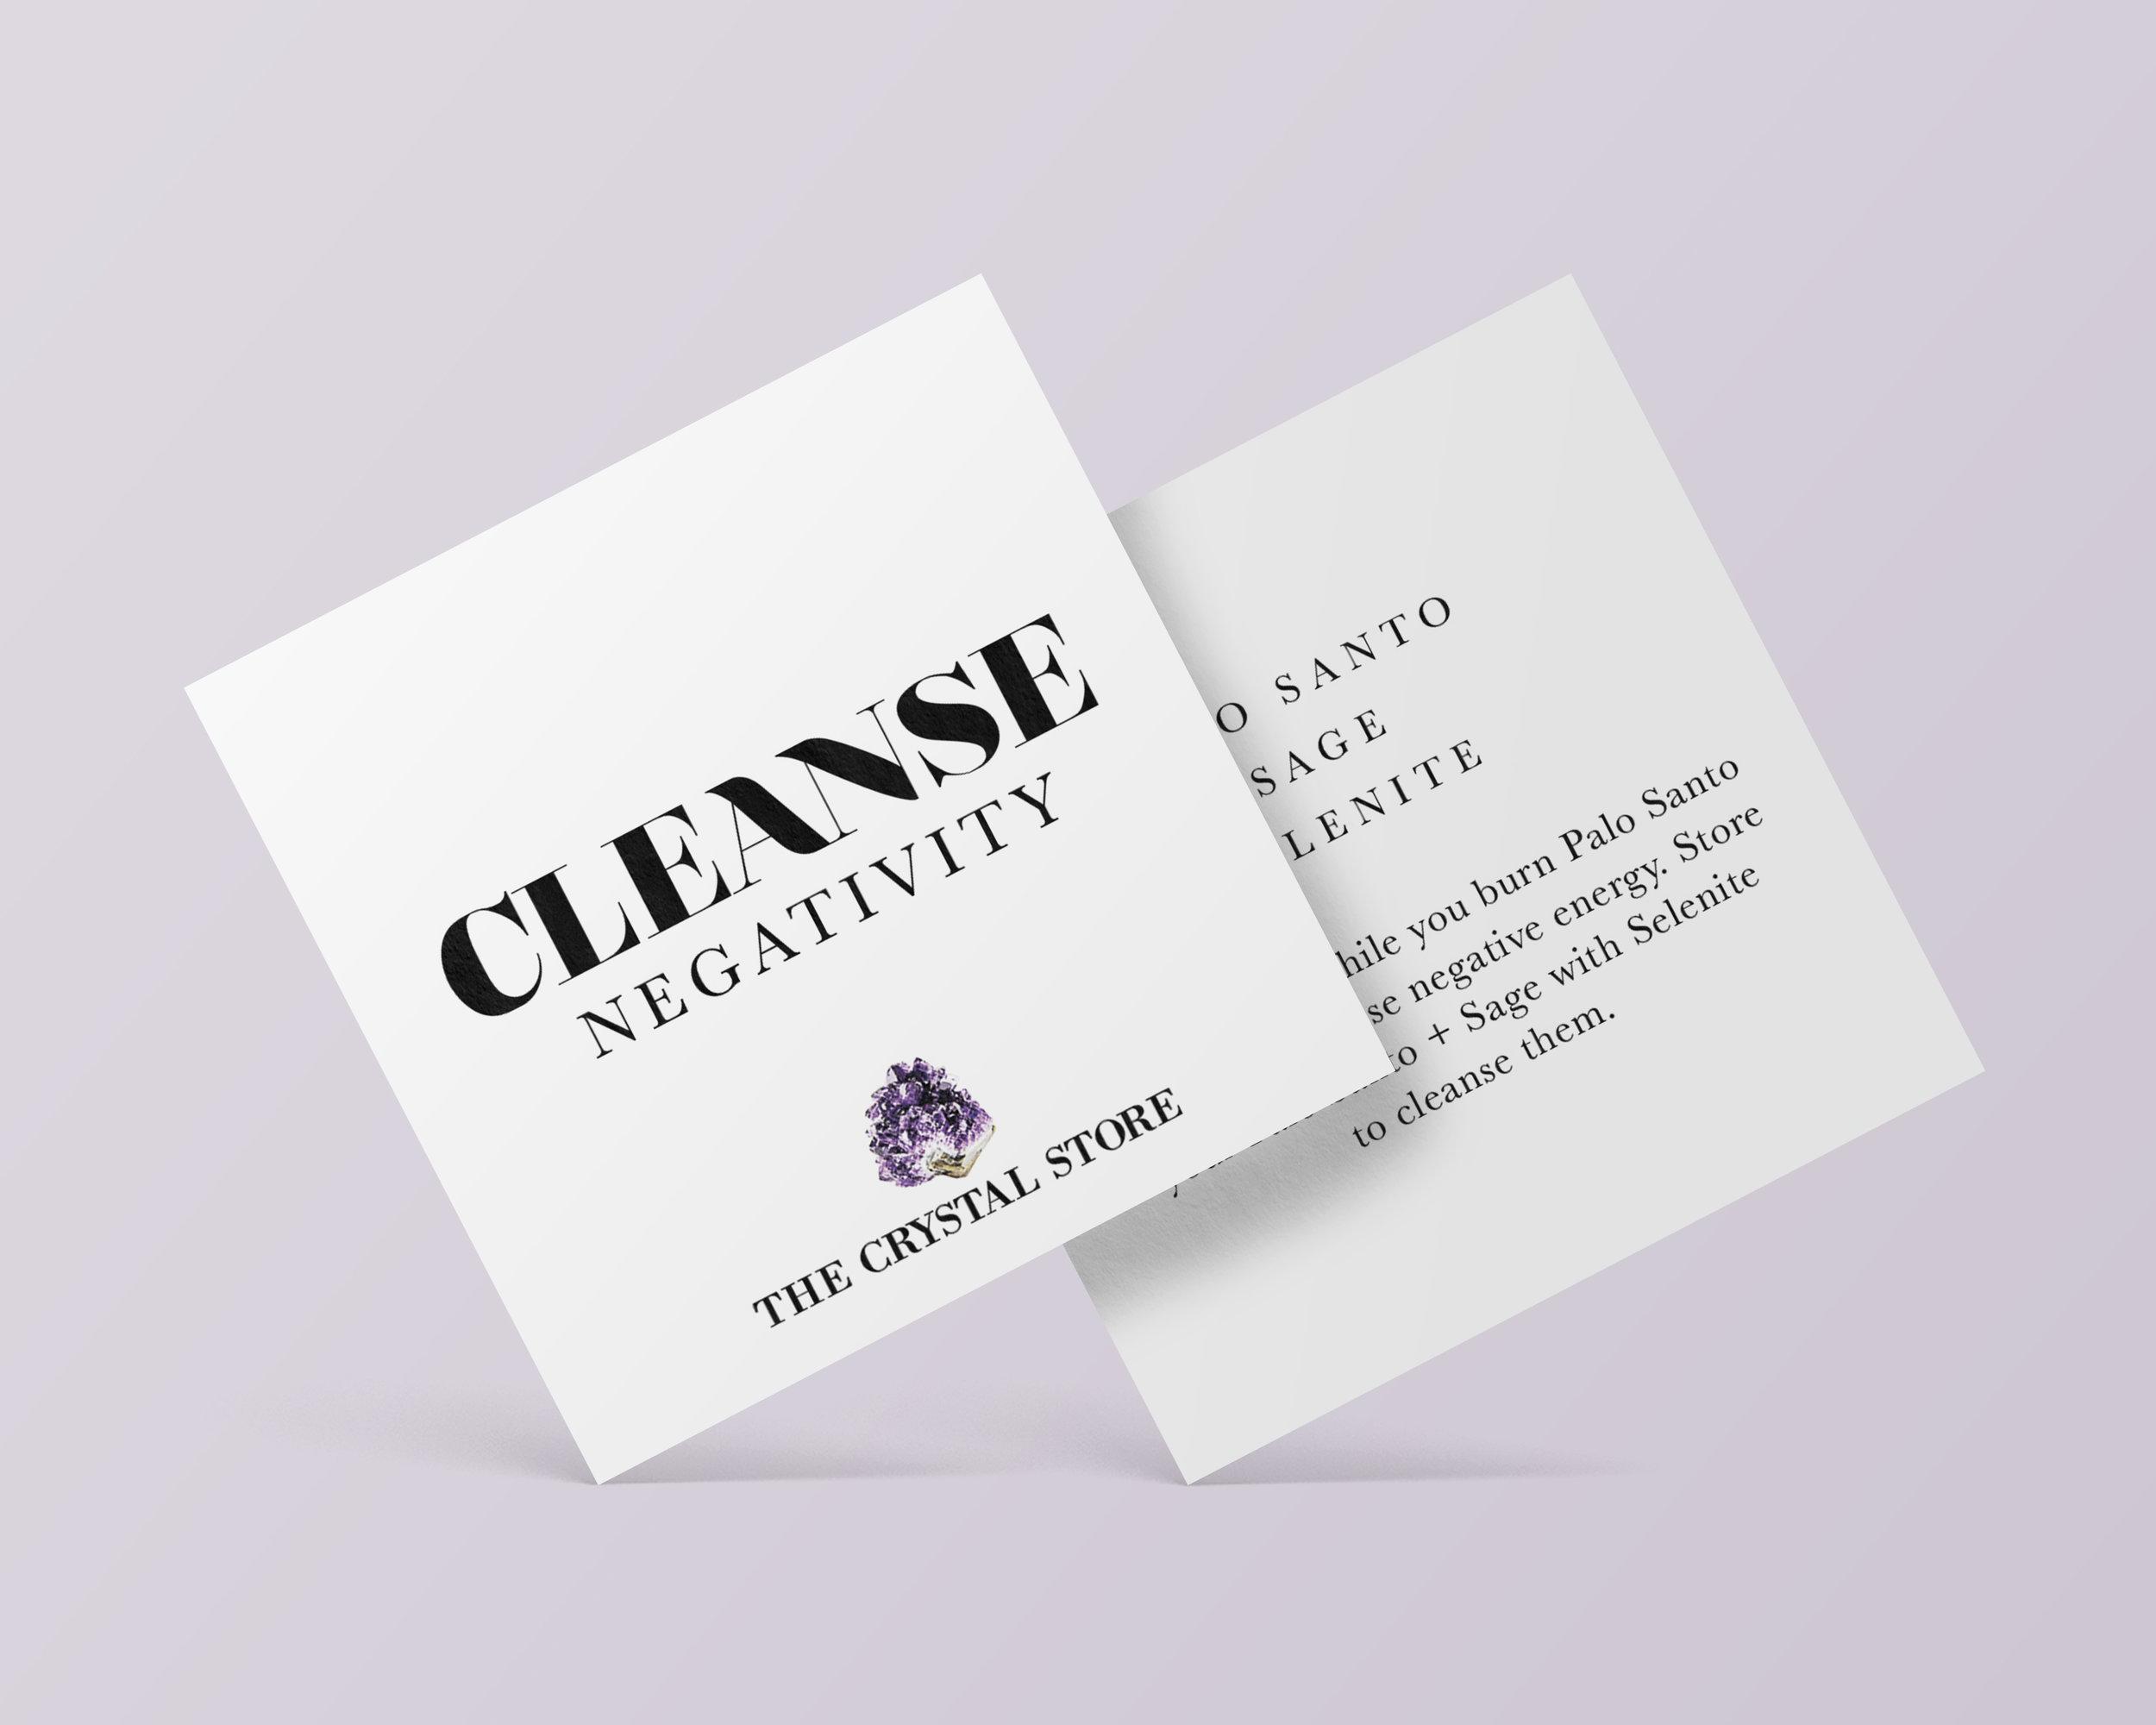 cleansecards.jpg